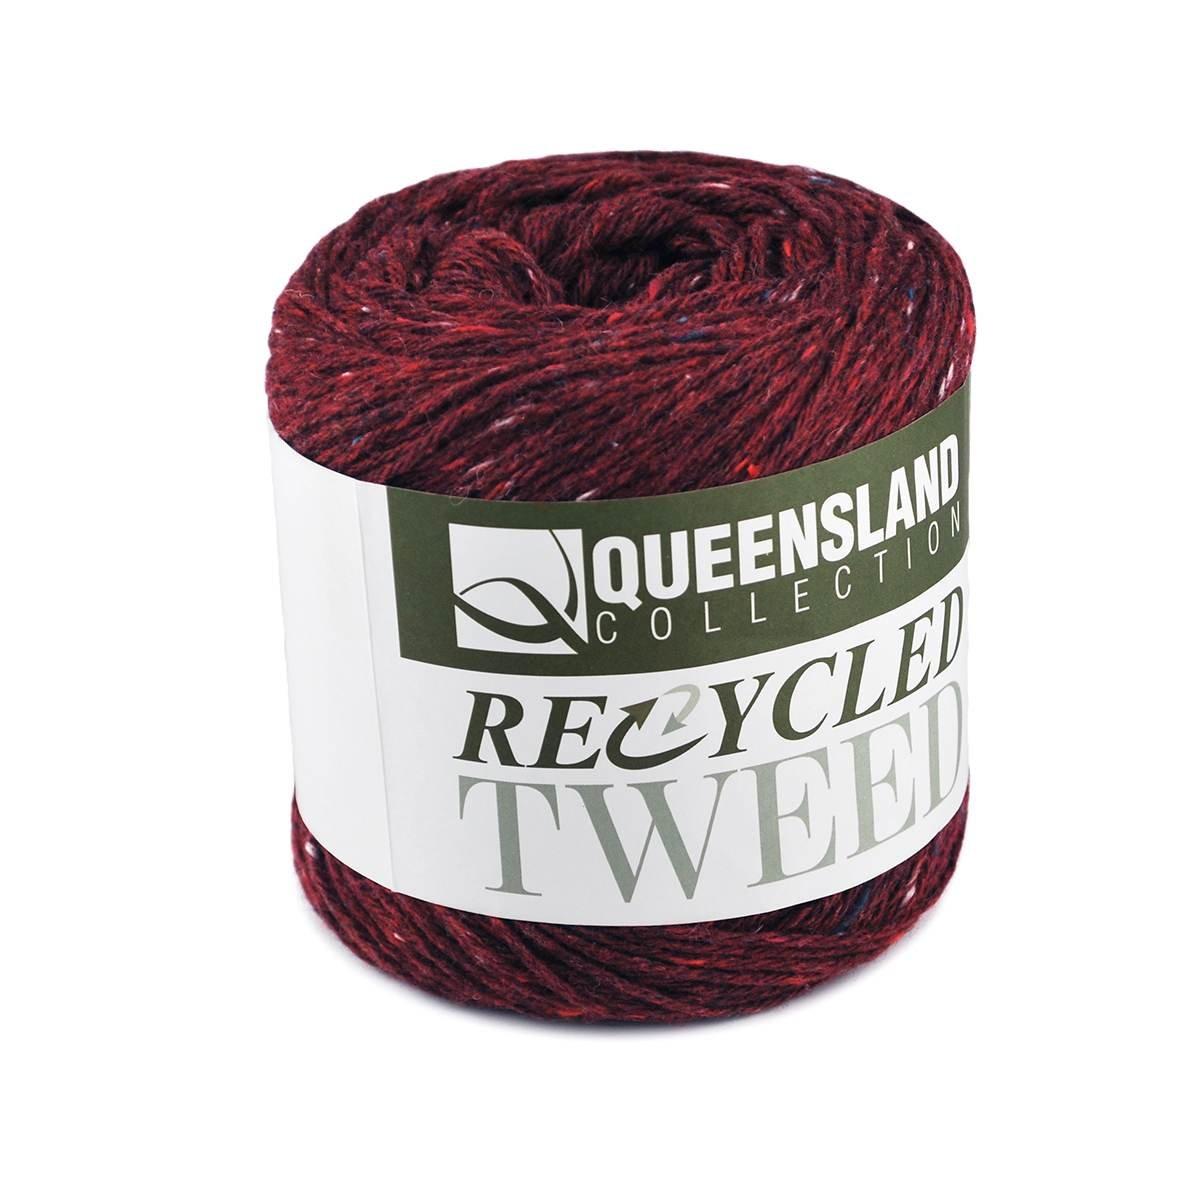 Recycled Tweed